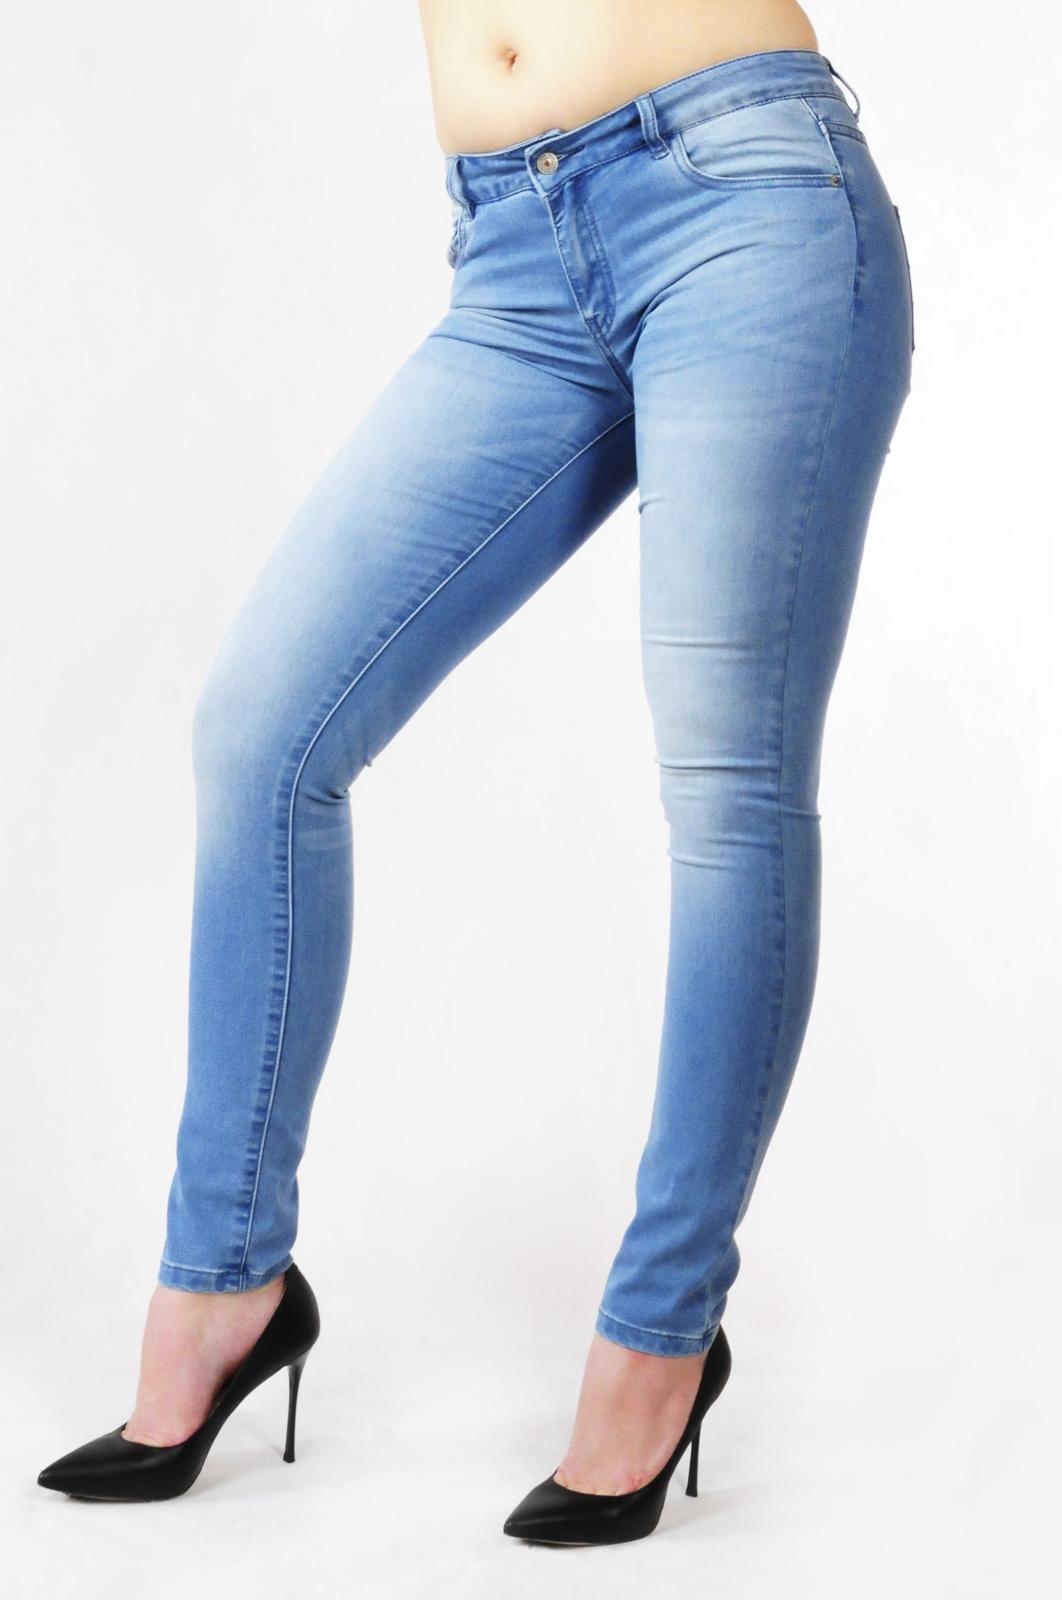 Купить джинсы в Адлере